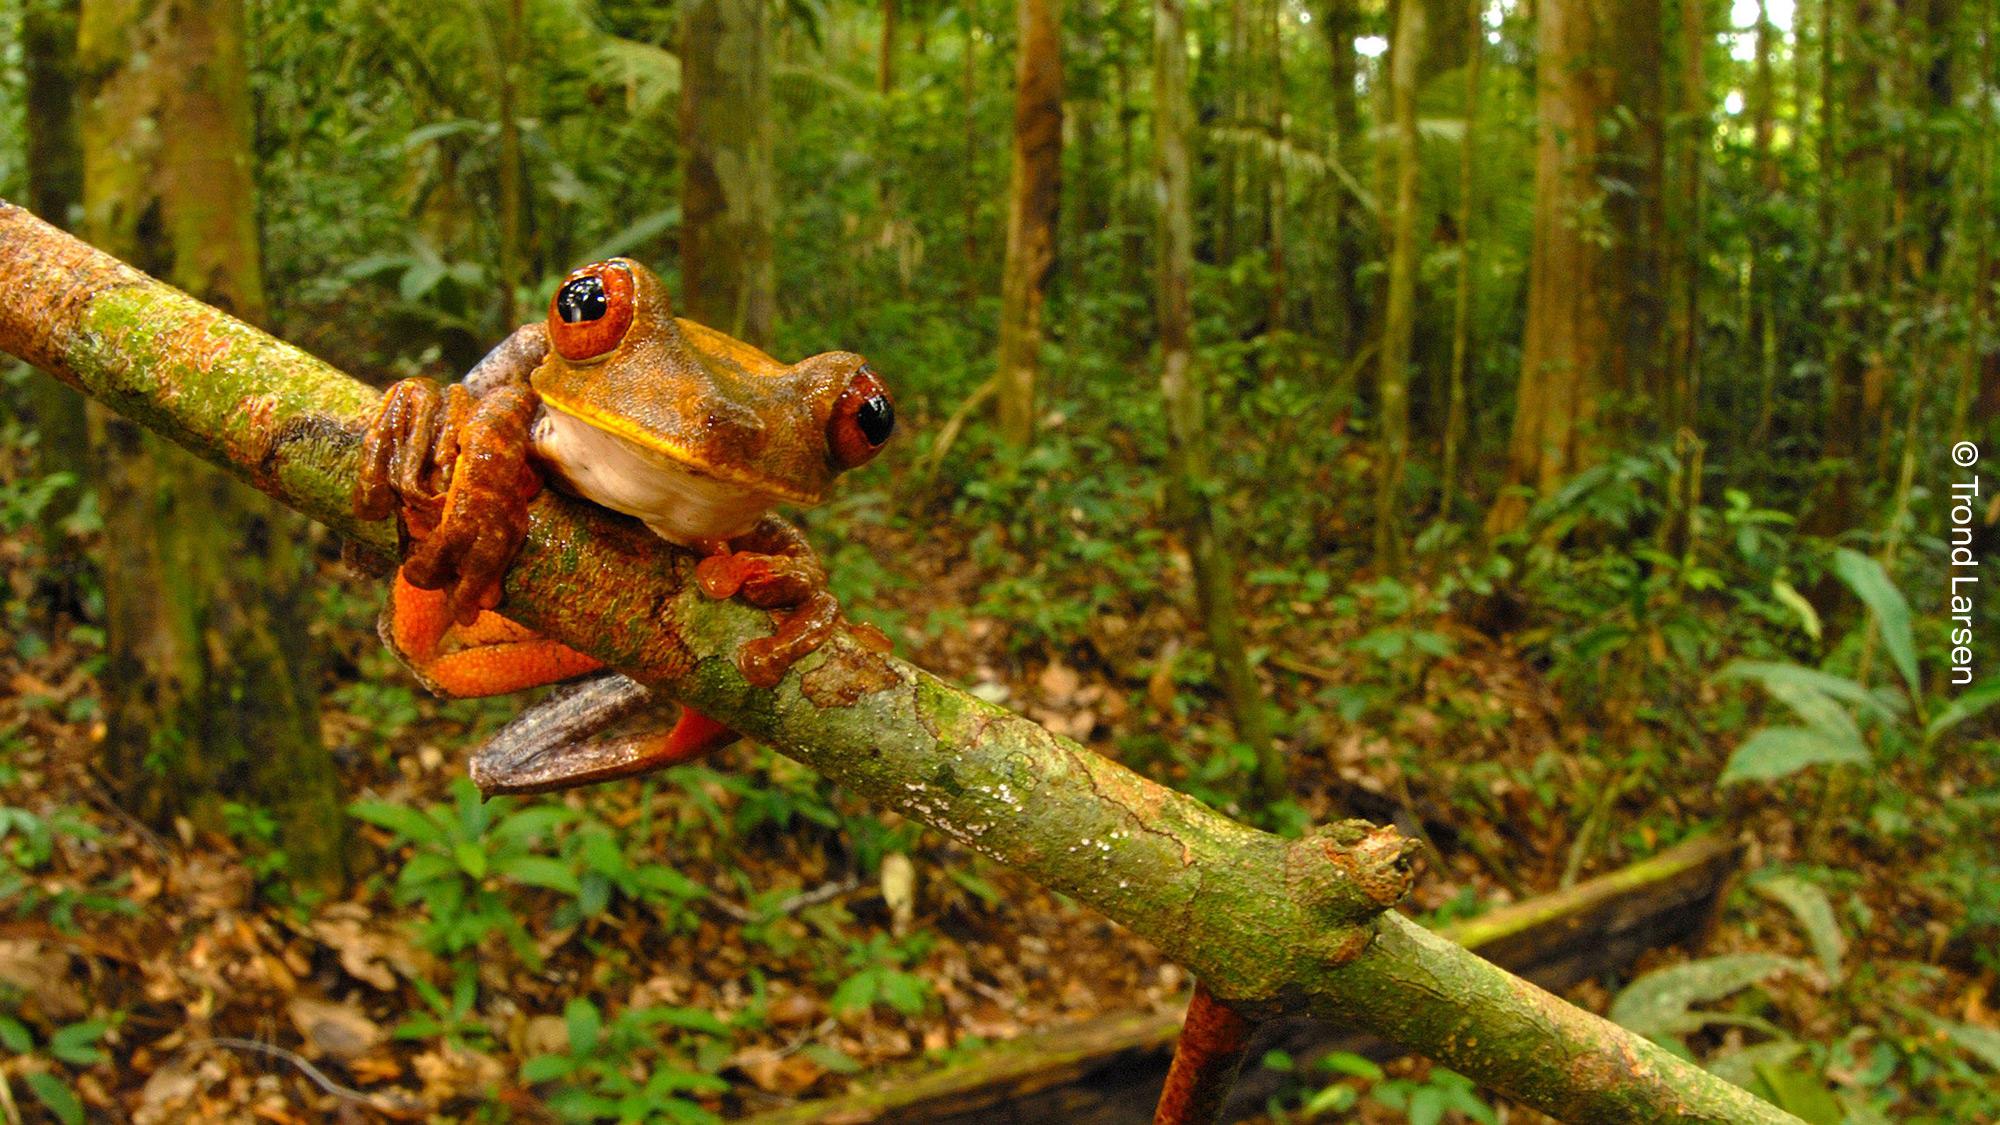 ضفدع أشجار أصلي عُثر عليه في منطقة الأمازون بالبرازيل